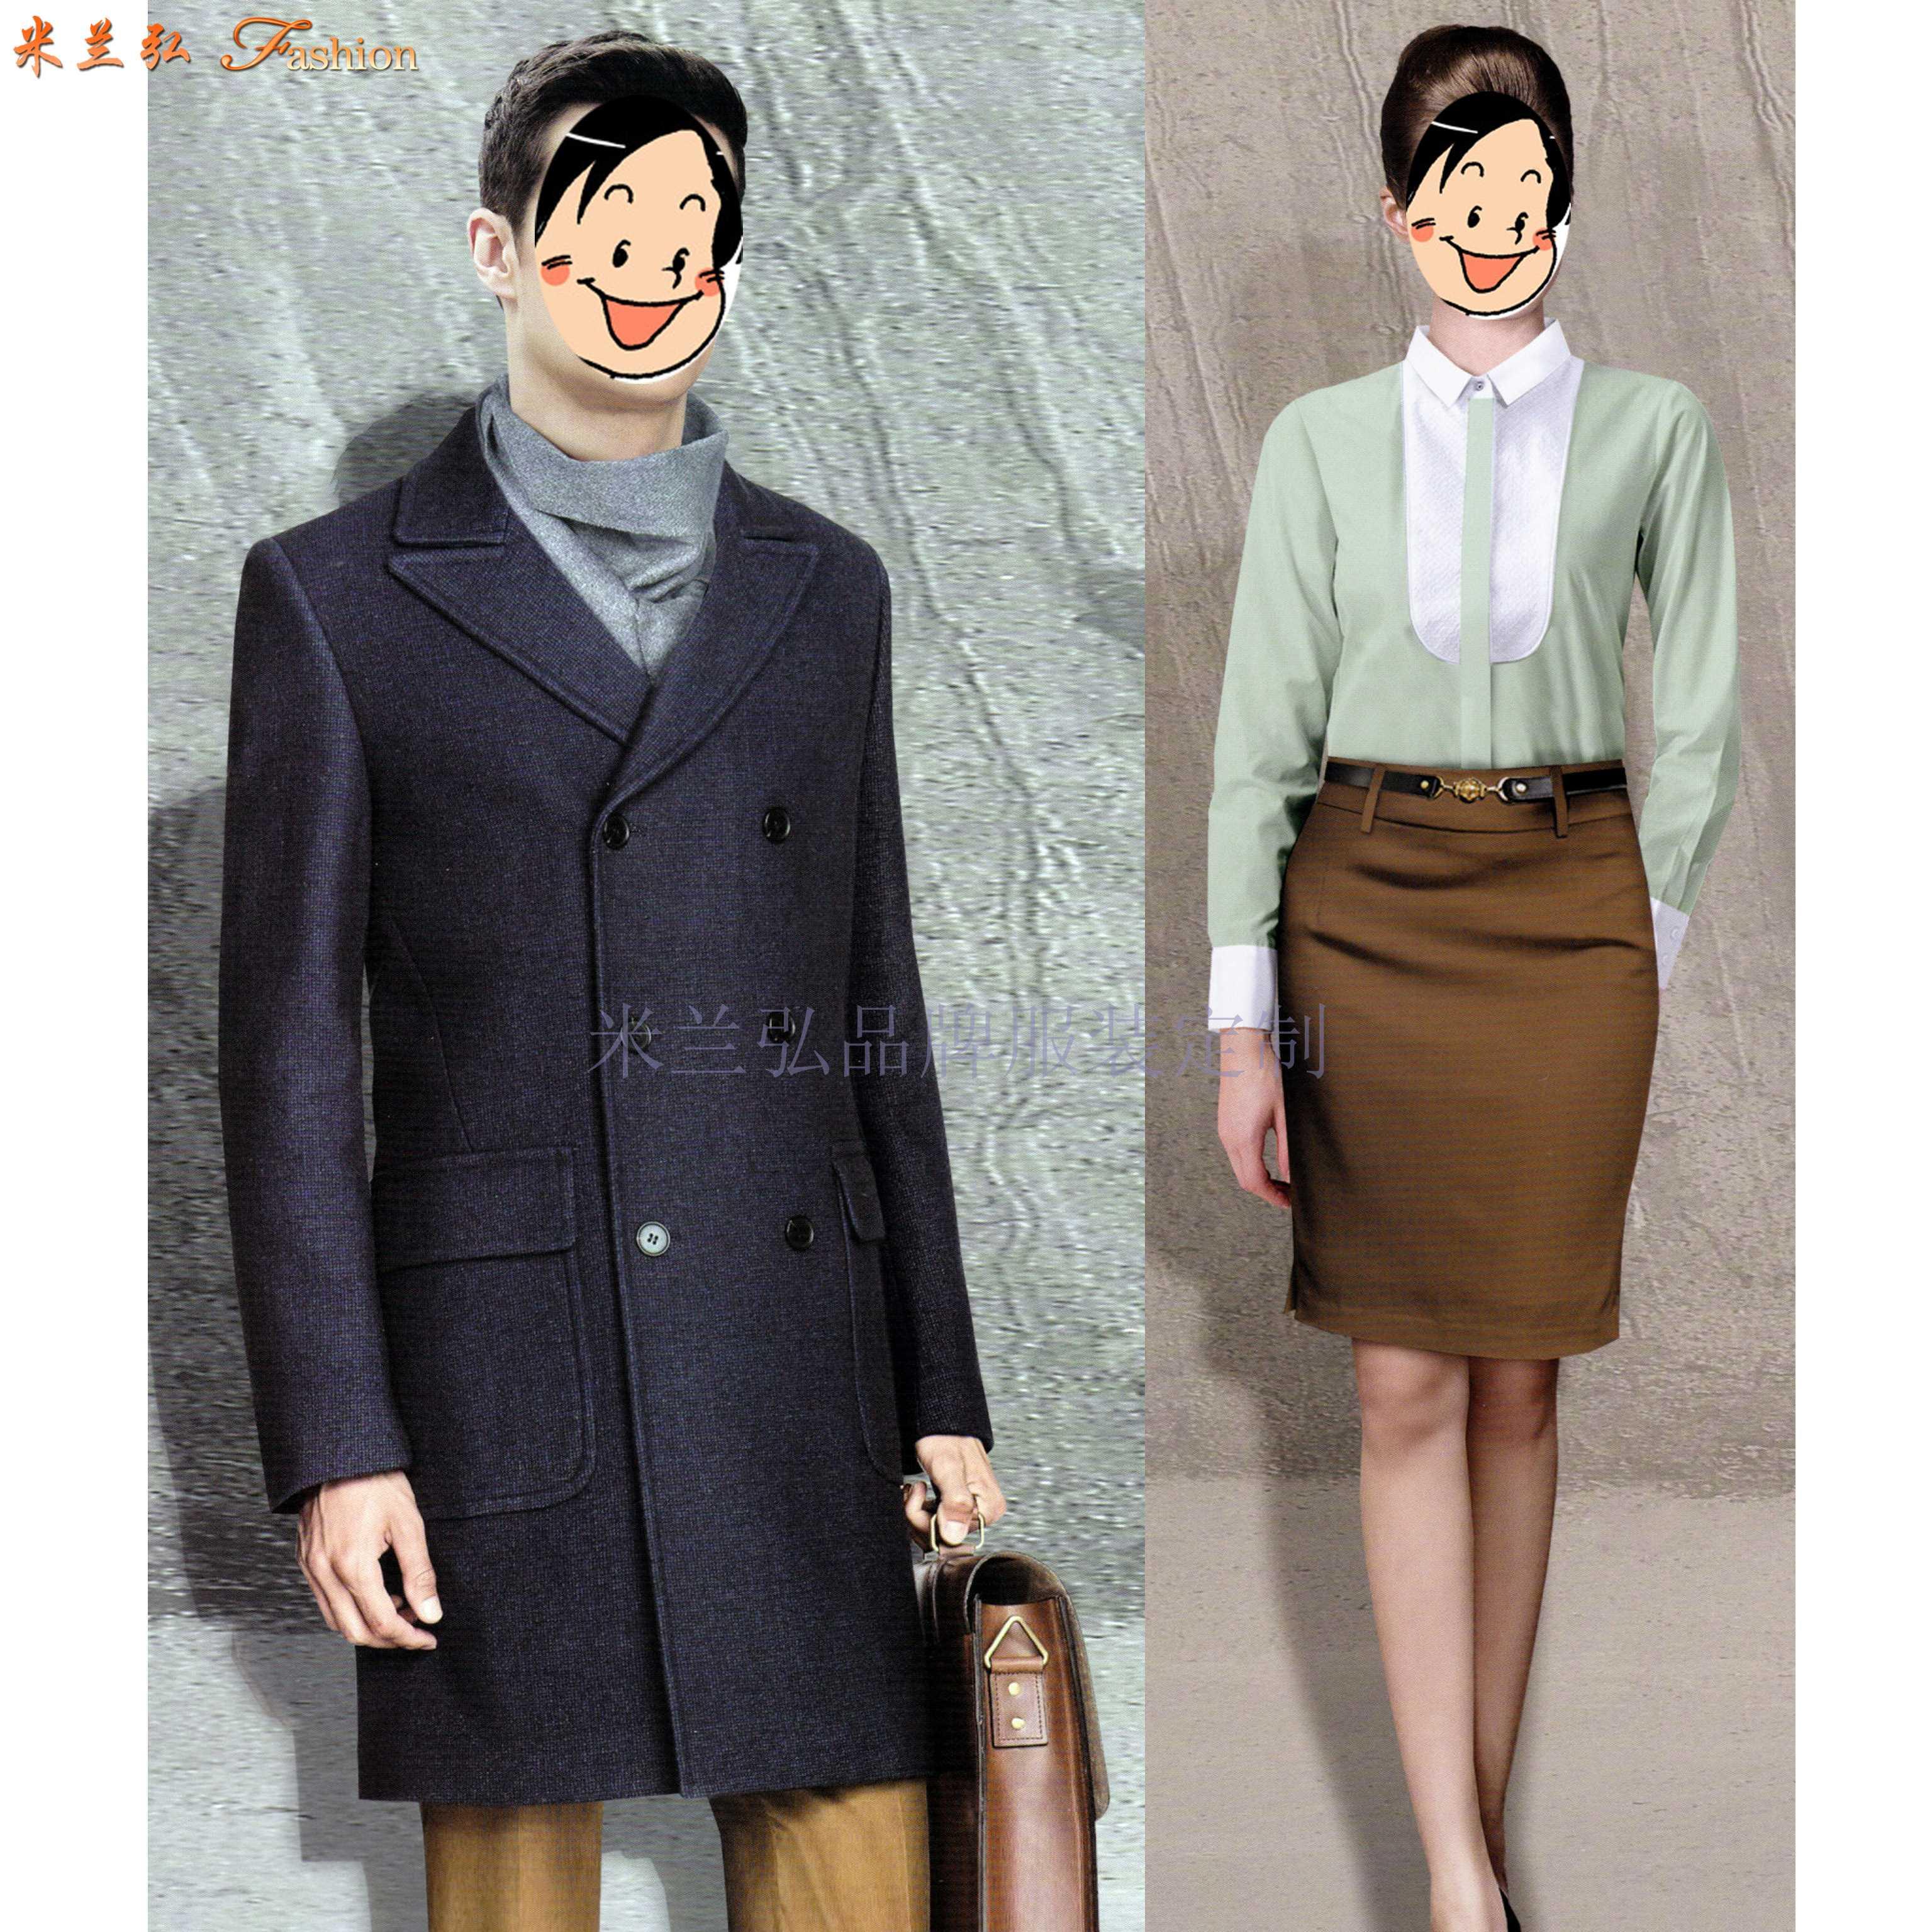 「德州大衣定制」「德州大衣訂做」推薦厚實暖和米蘭弘服裝-3